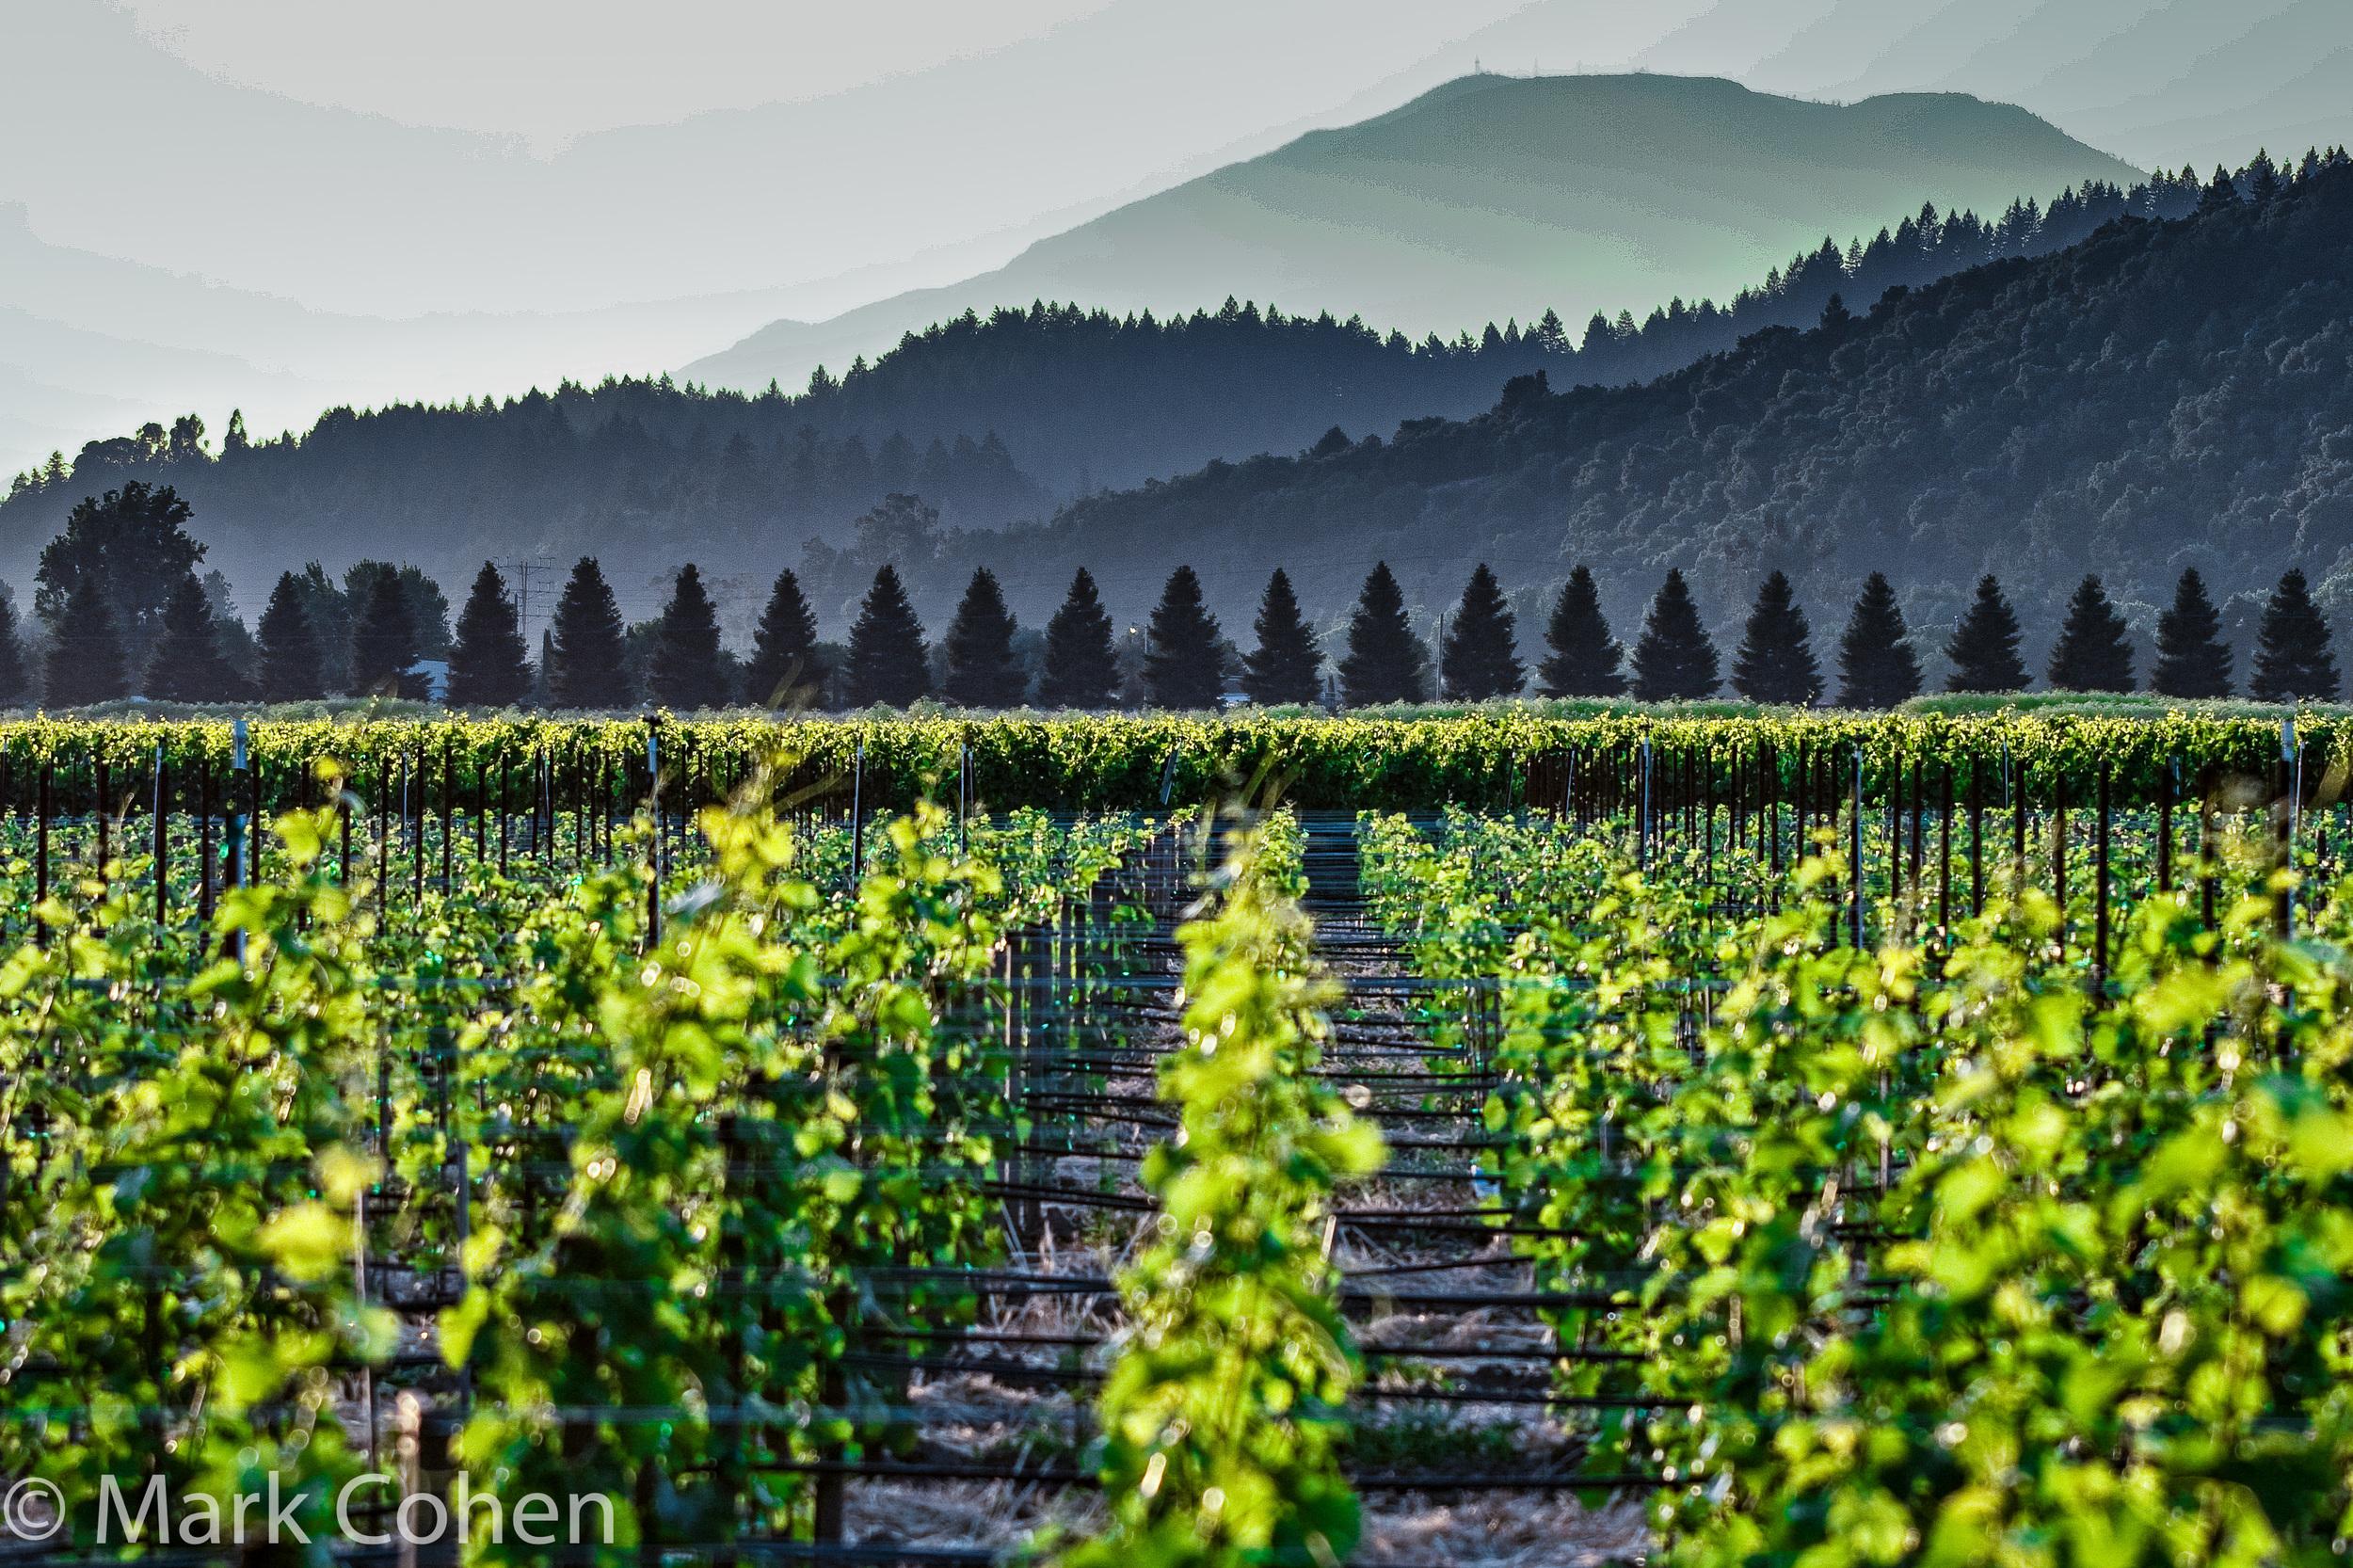 Vineyard no.1, Napa Valley, 2007